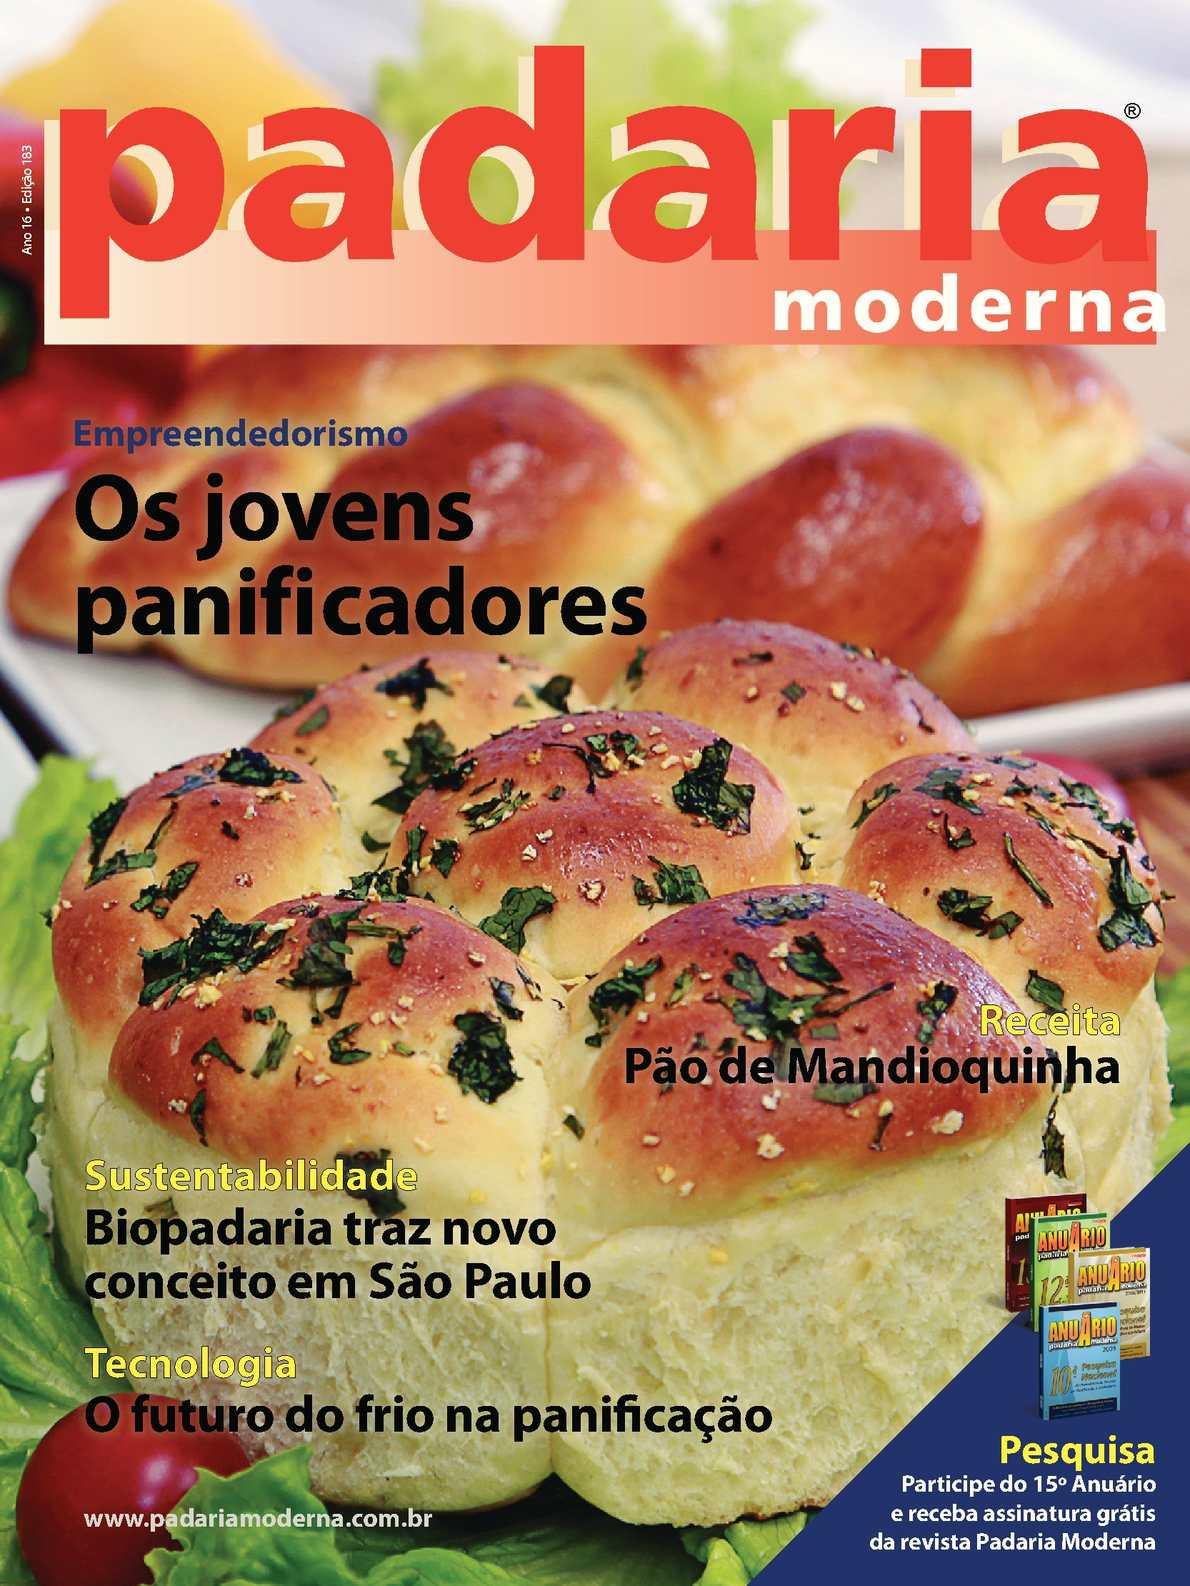 Revista Padaria Moderna - Edição 183